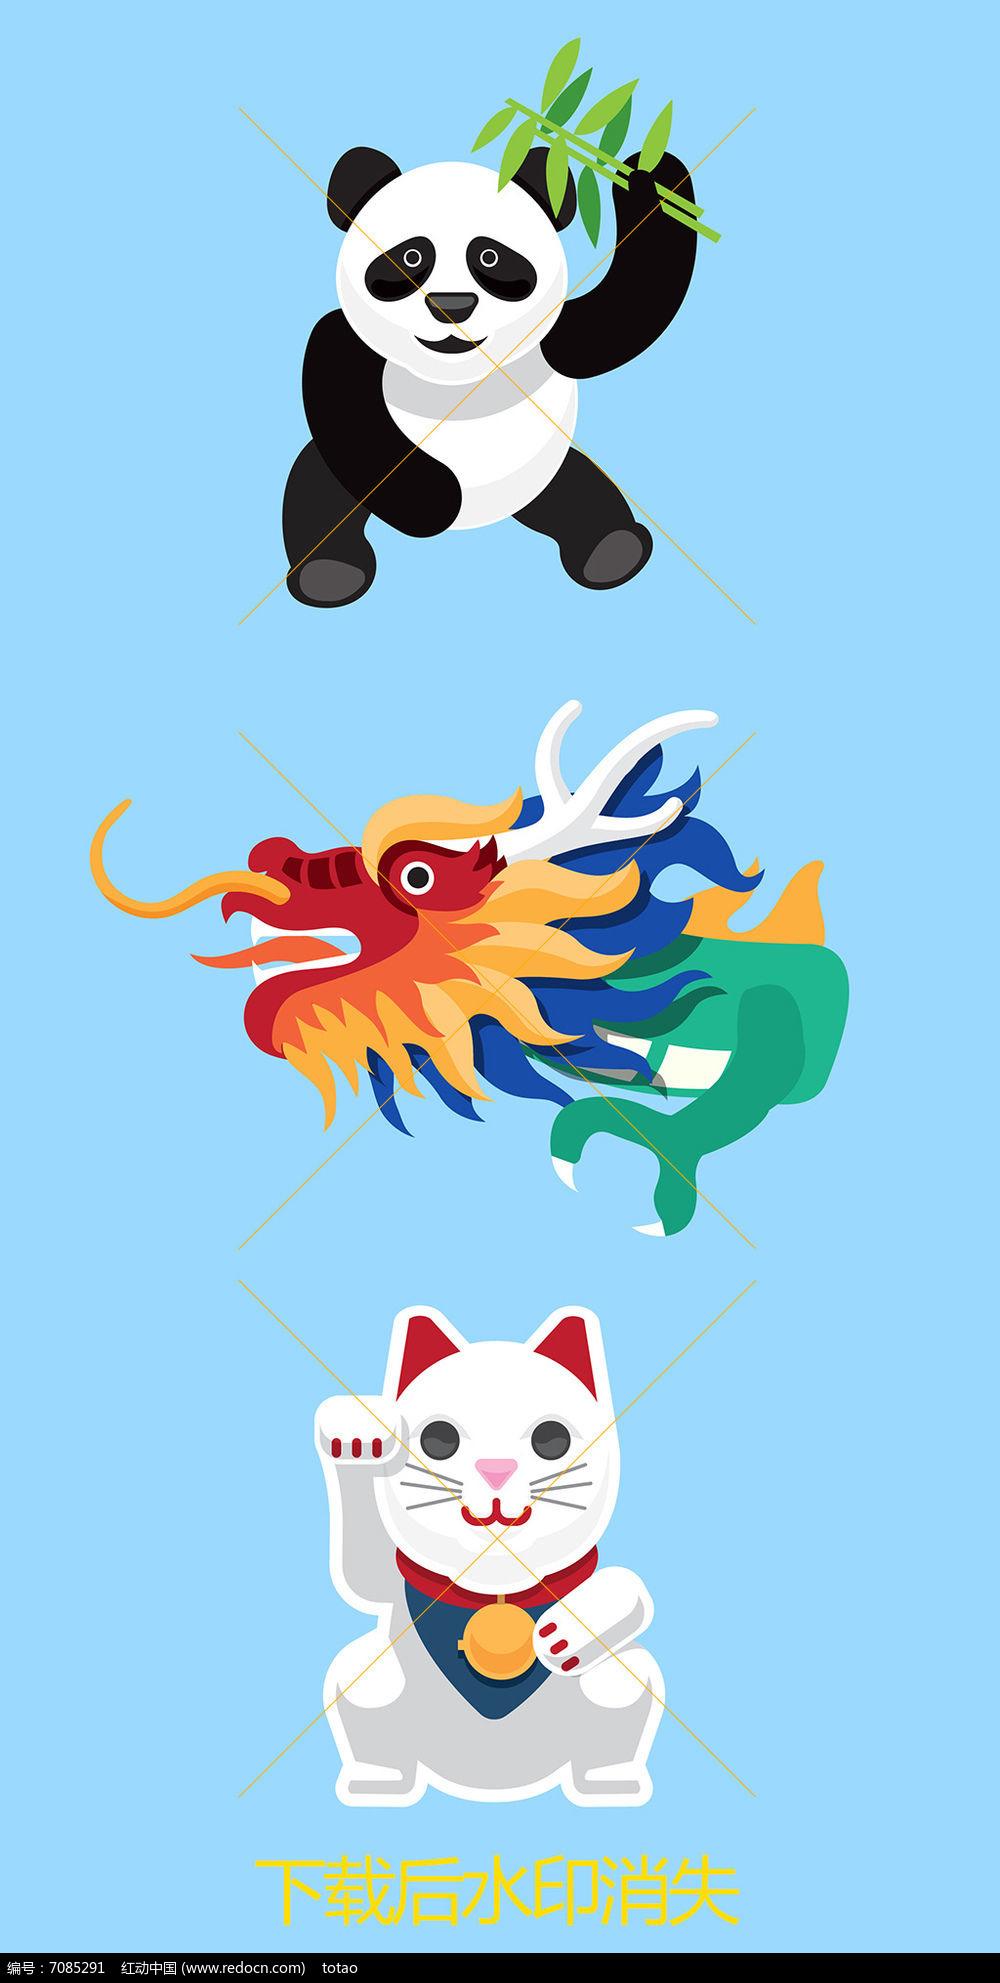 熊猫招财猫龙元素插画图片